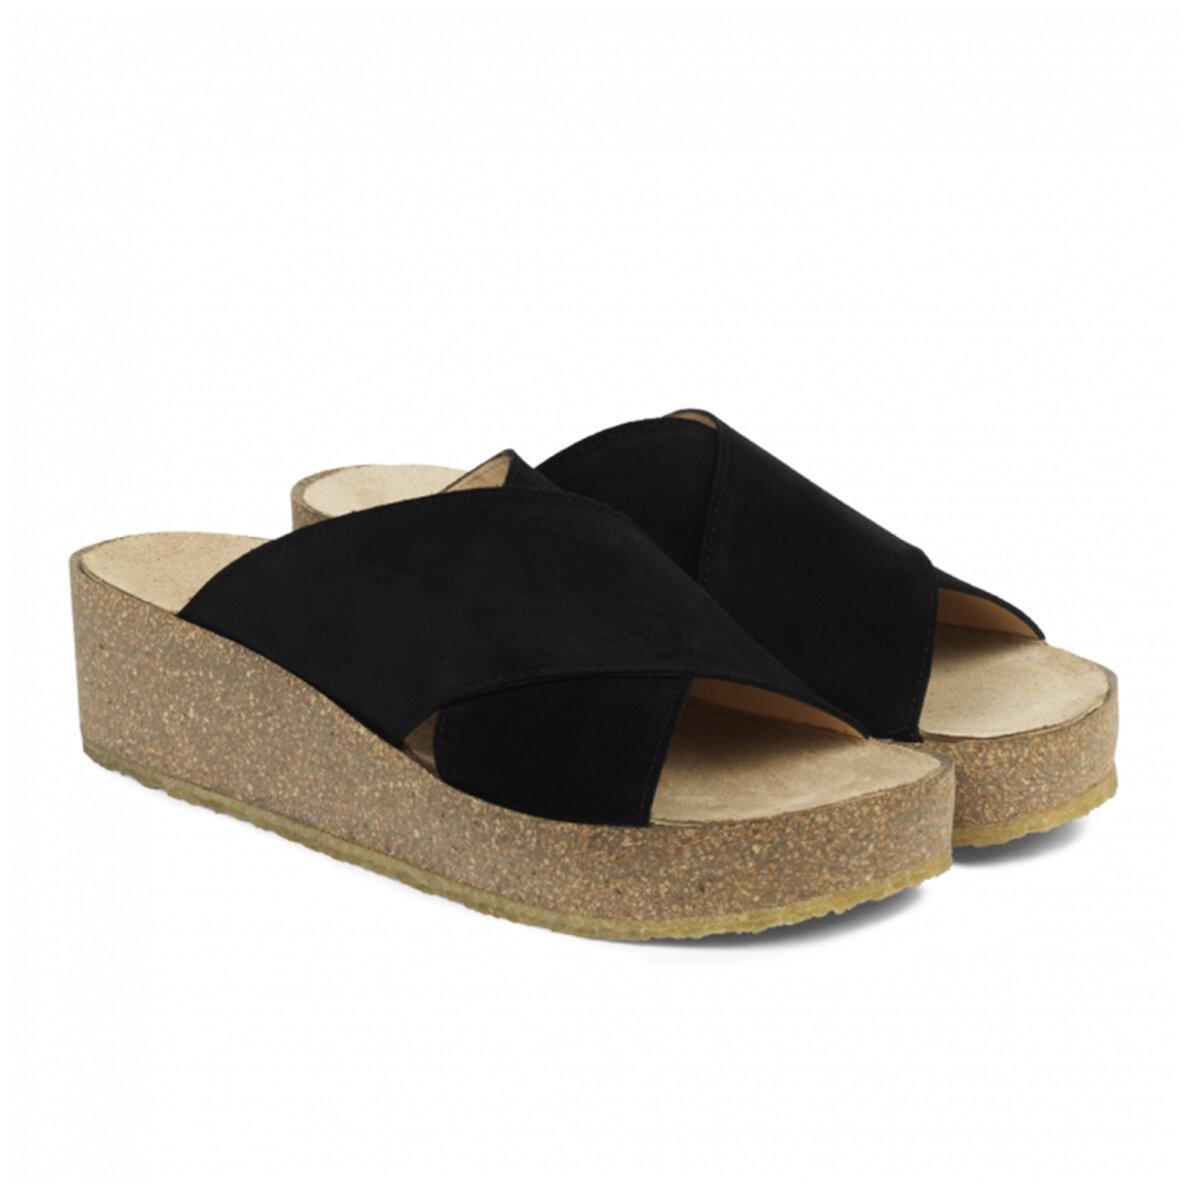 800f52937975 ... Angulus - Angulus 5601-101 sort damesandal med blød fodseng ...